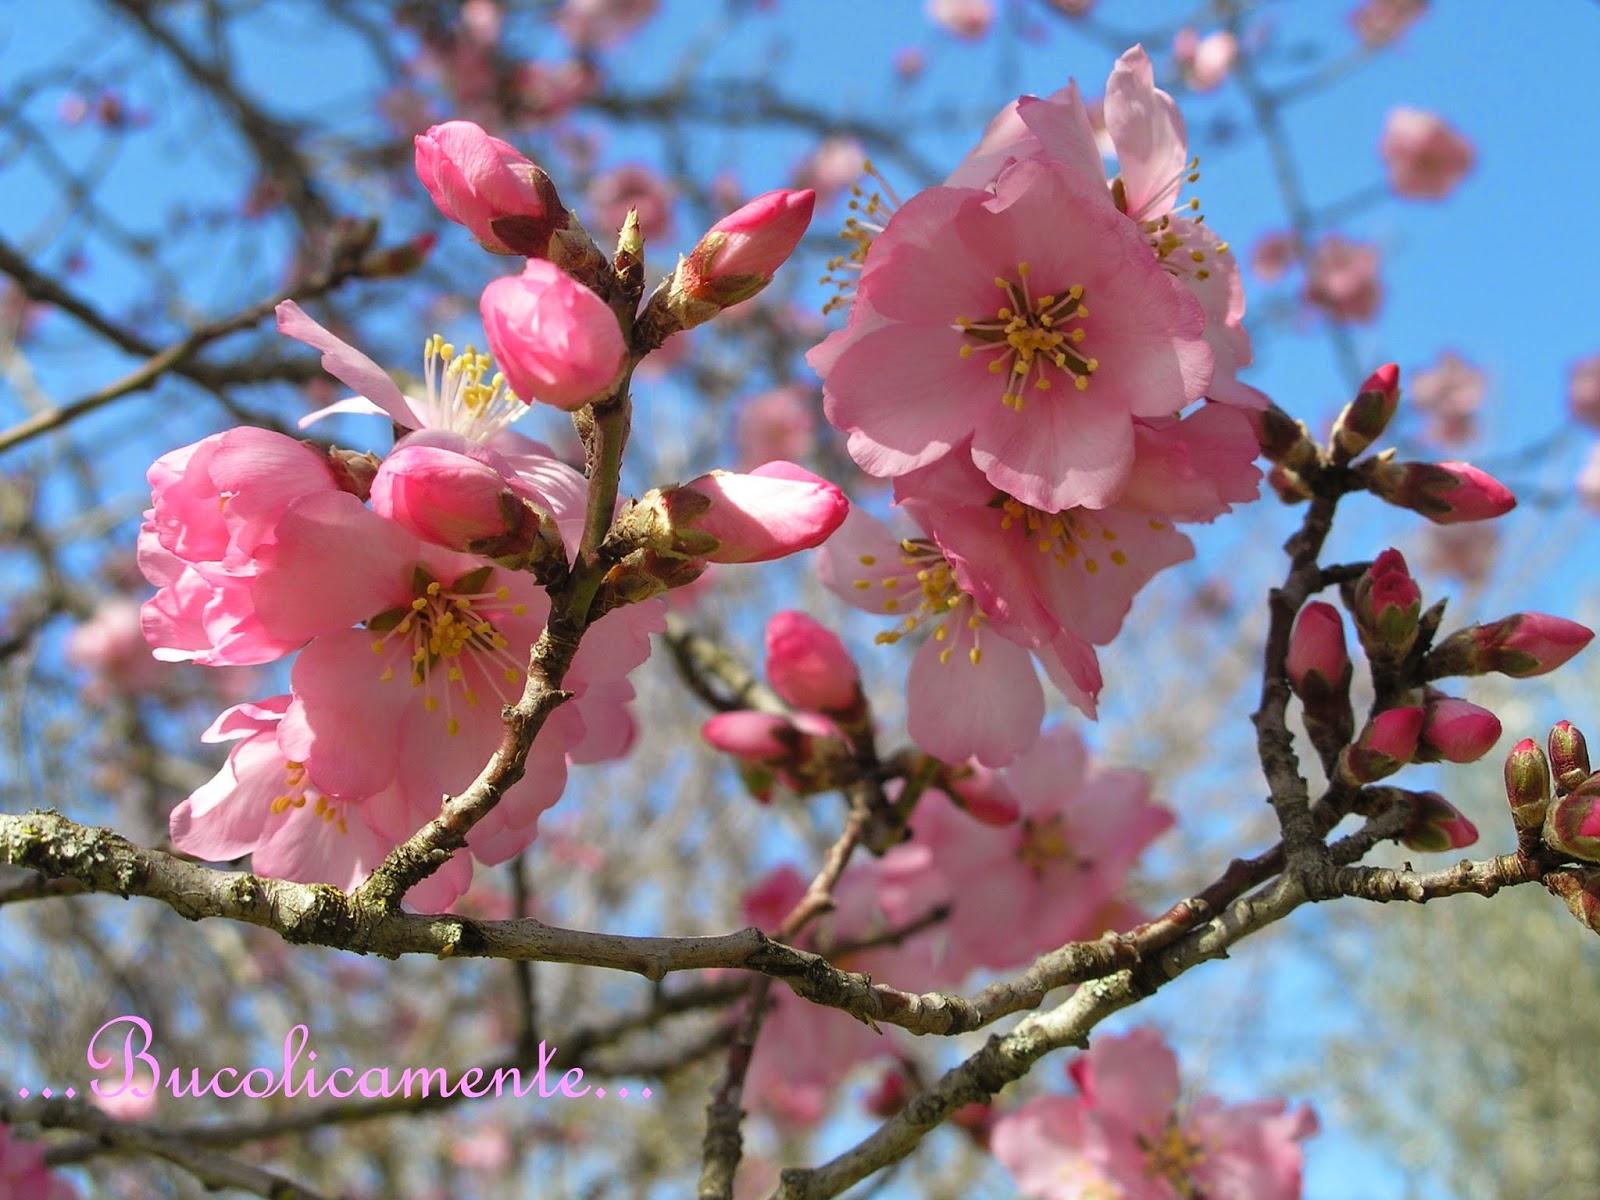 Bucolicamente alberi da frutto il mandorlo for Alberi da frutto